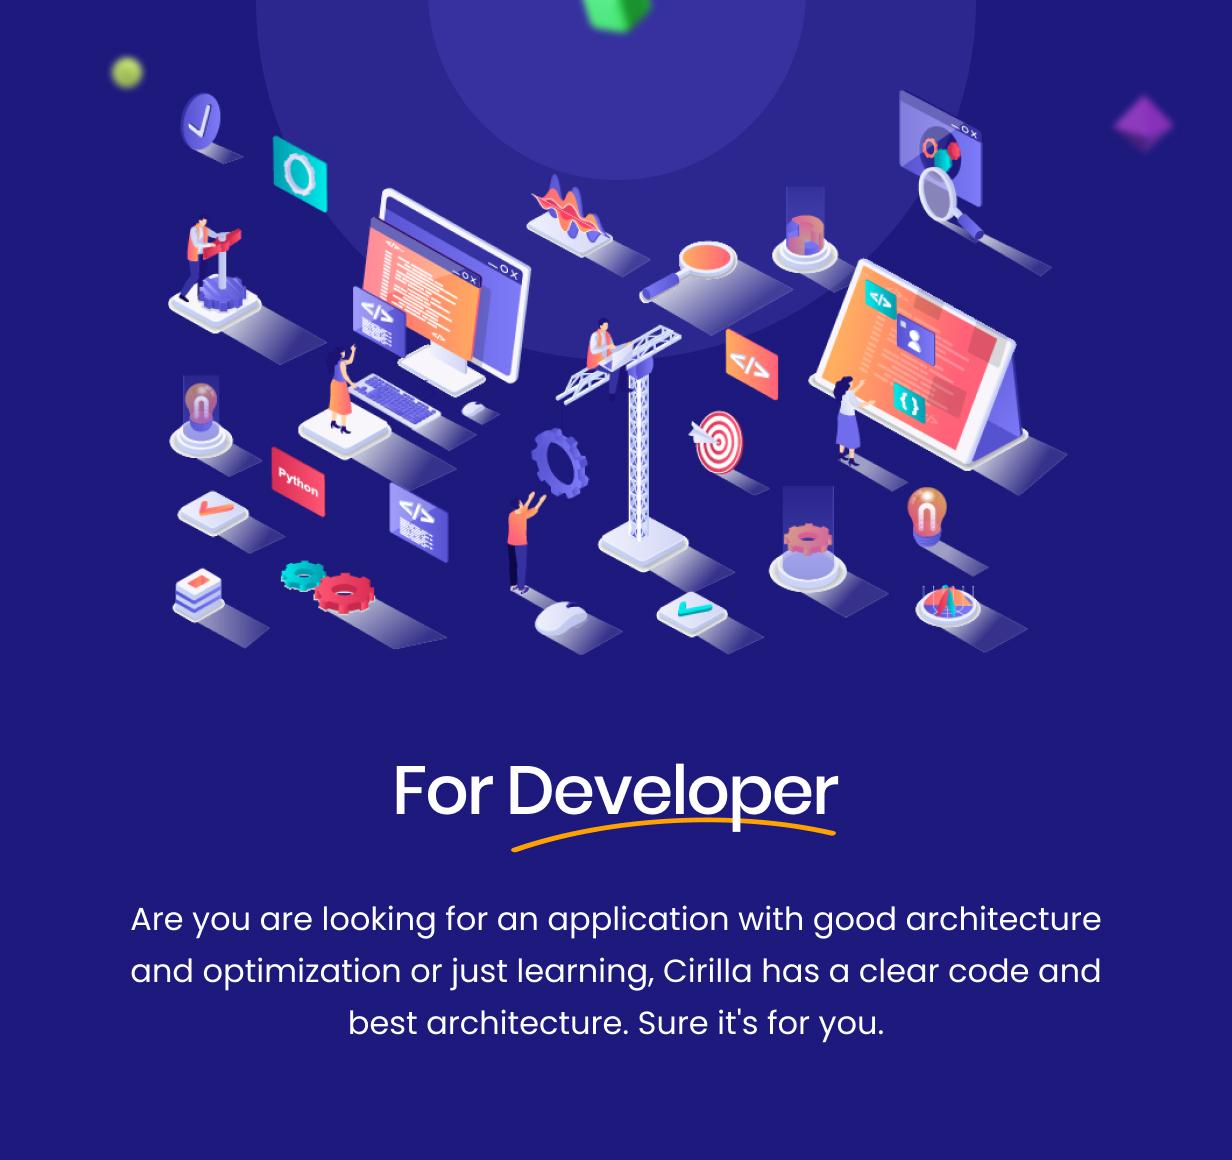 Para desenvolvedor